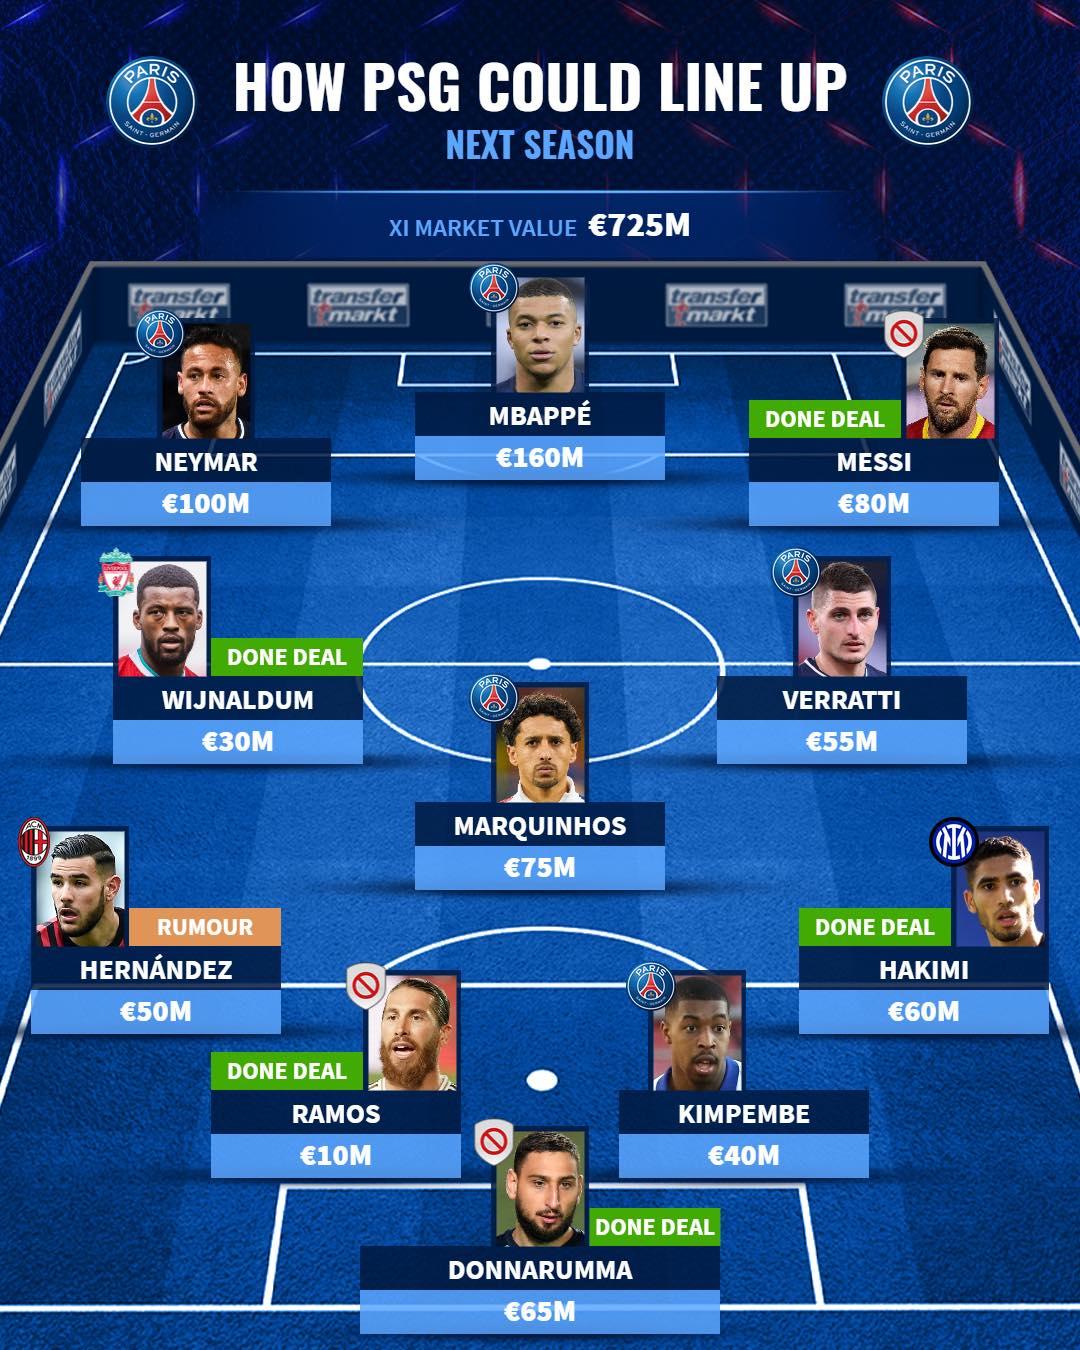 Đội hình cực khủng của PSG sau khi chiêu mộ Messi: Tam tấu NMM - Bóng Đá